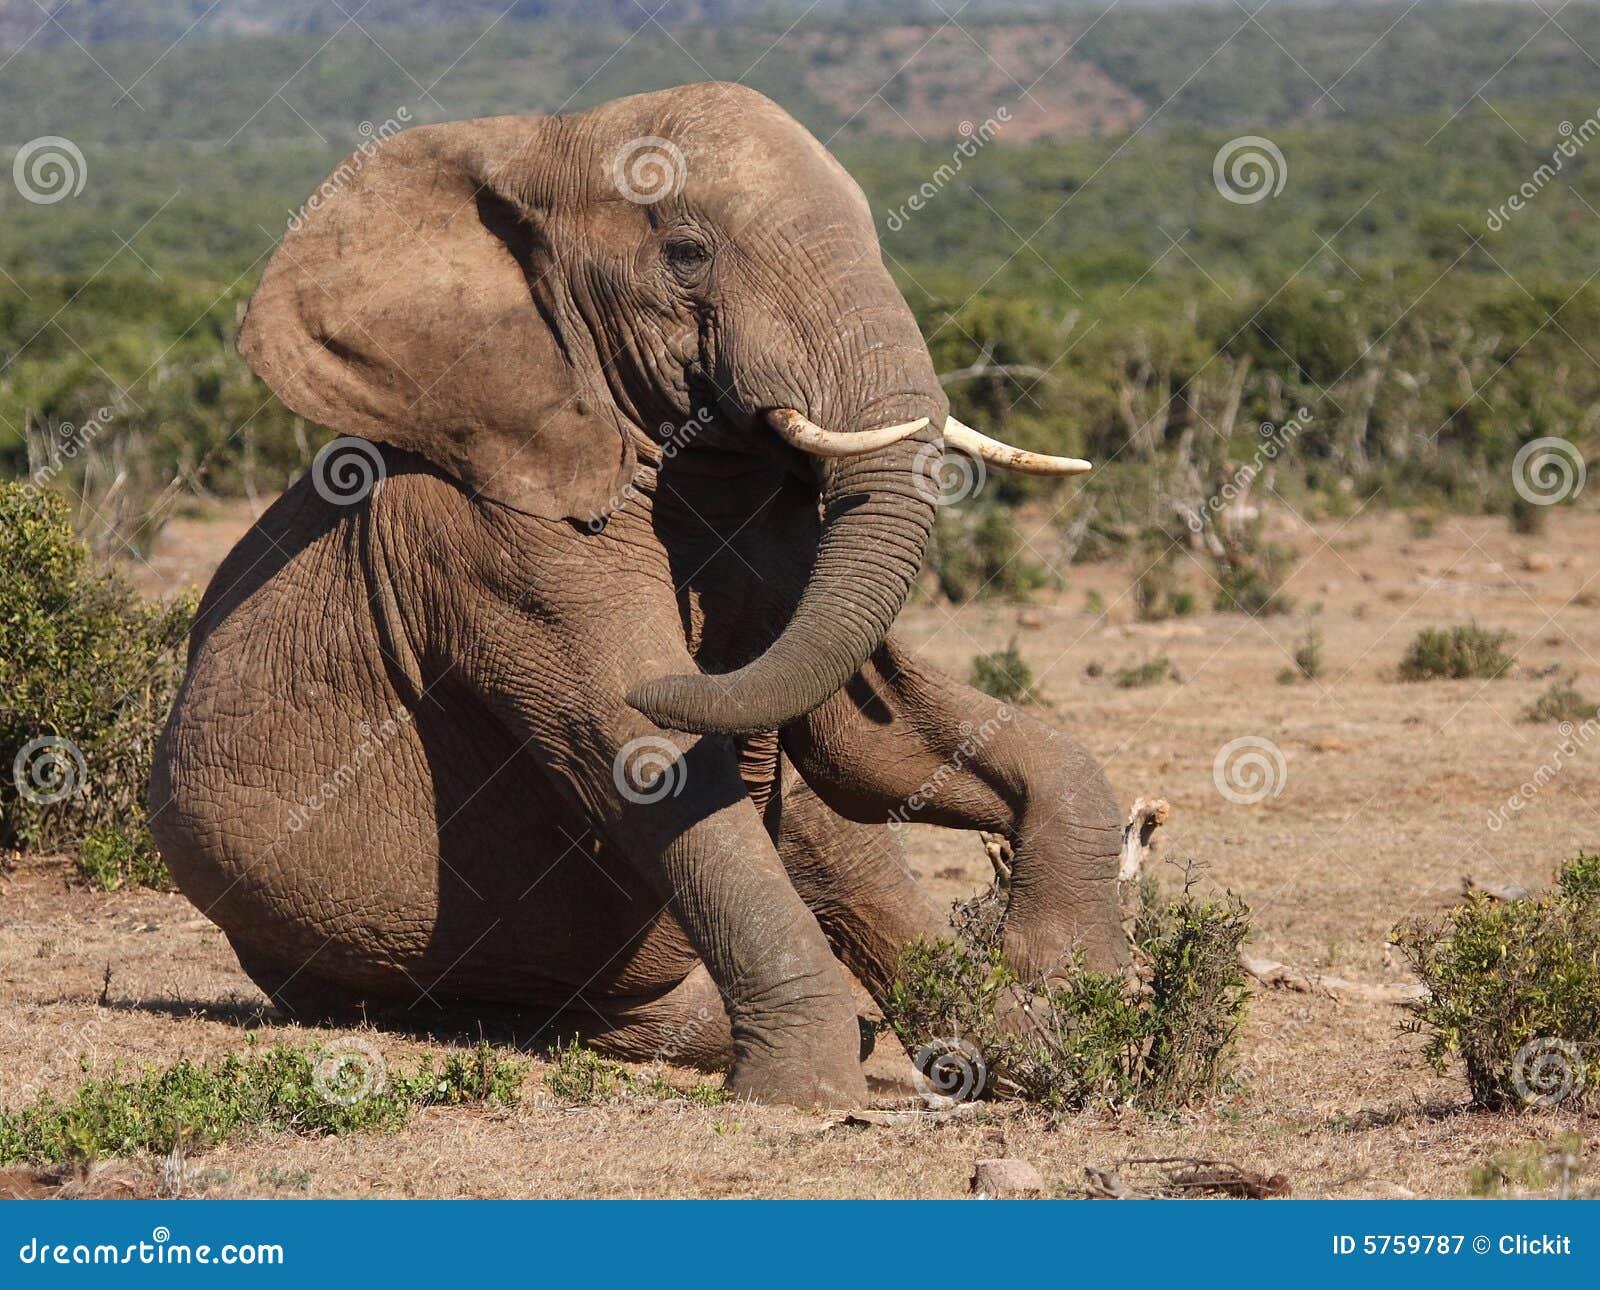 Elephant Sitting. Royalty Free Stock Photography - Image ...